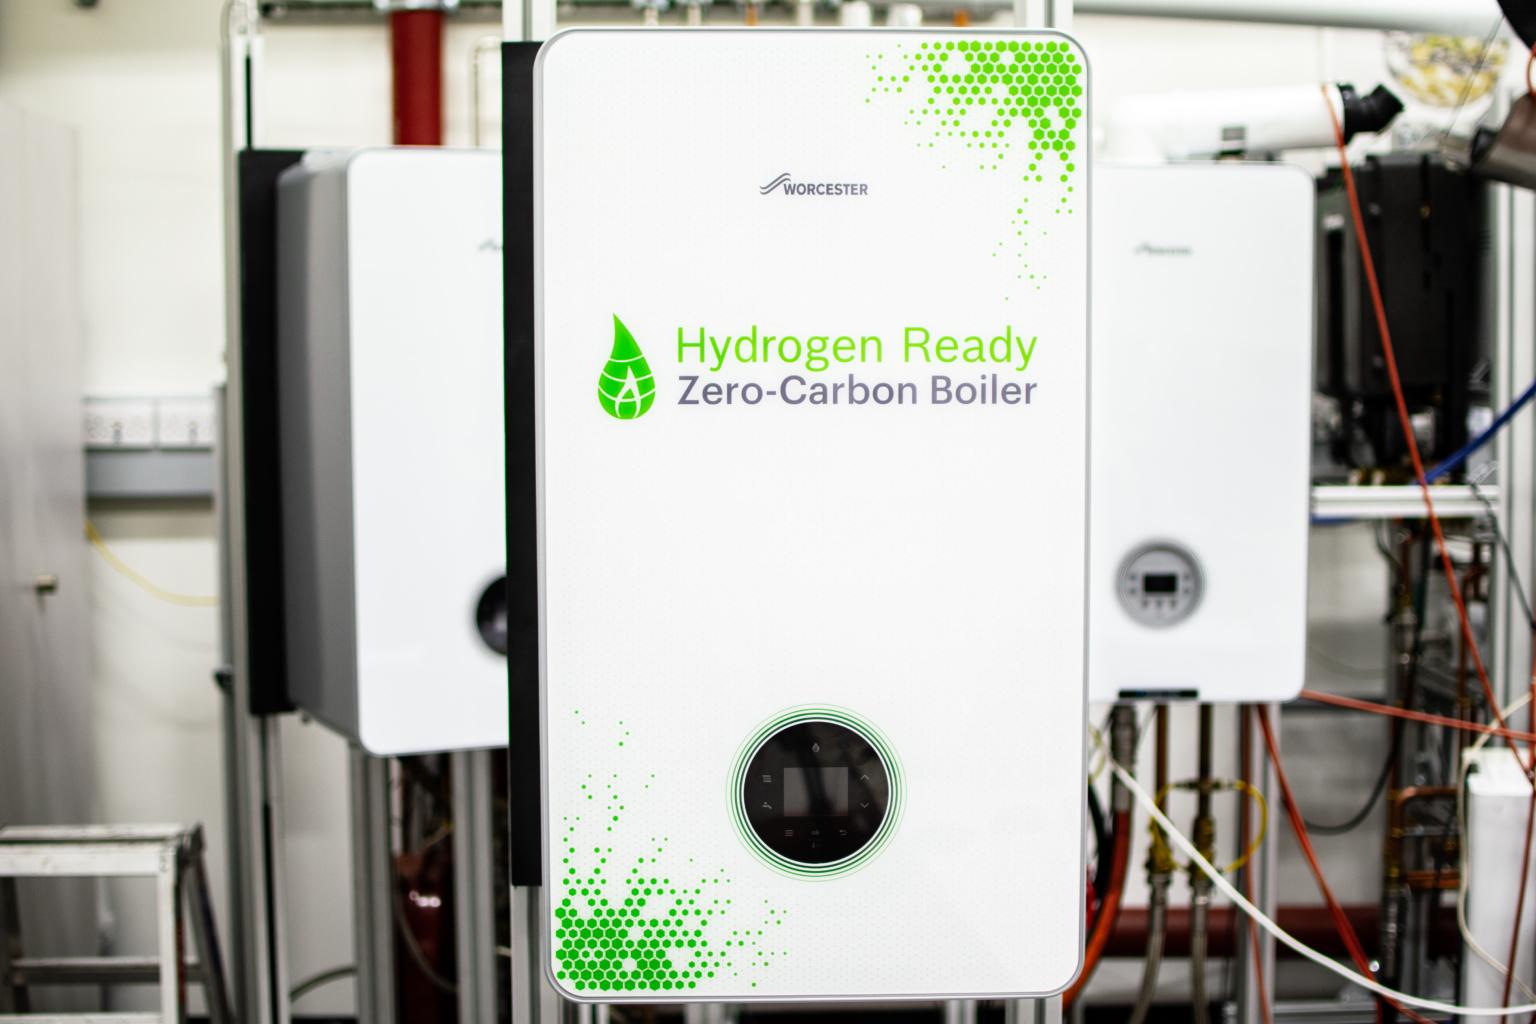 TheEngineer: Engineering the hydrogen home.